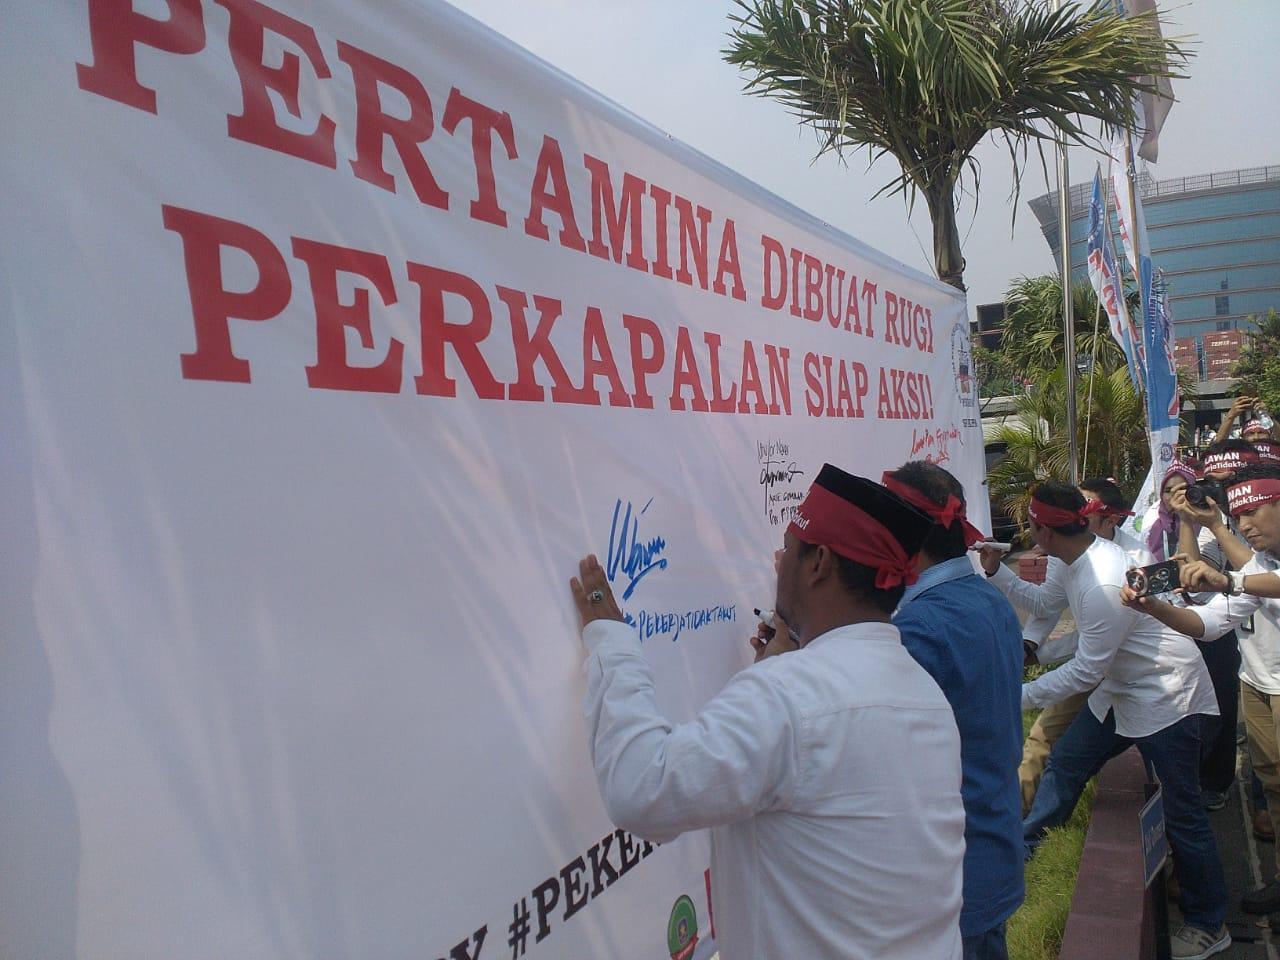 Aksi Simpatik SP FKPPA untuk Pertagas